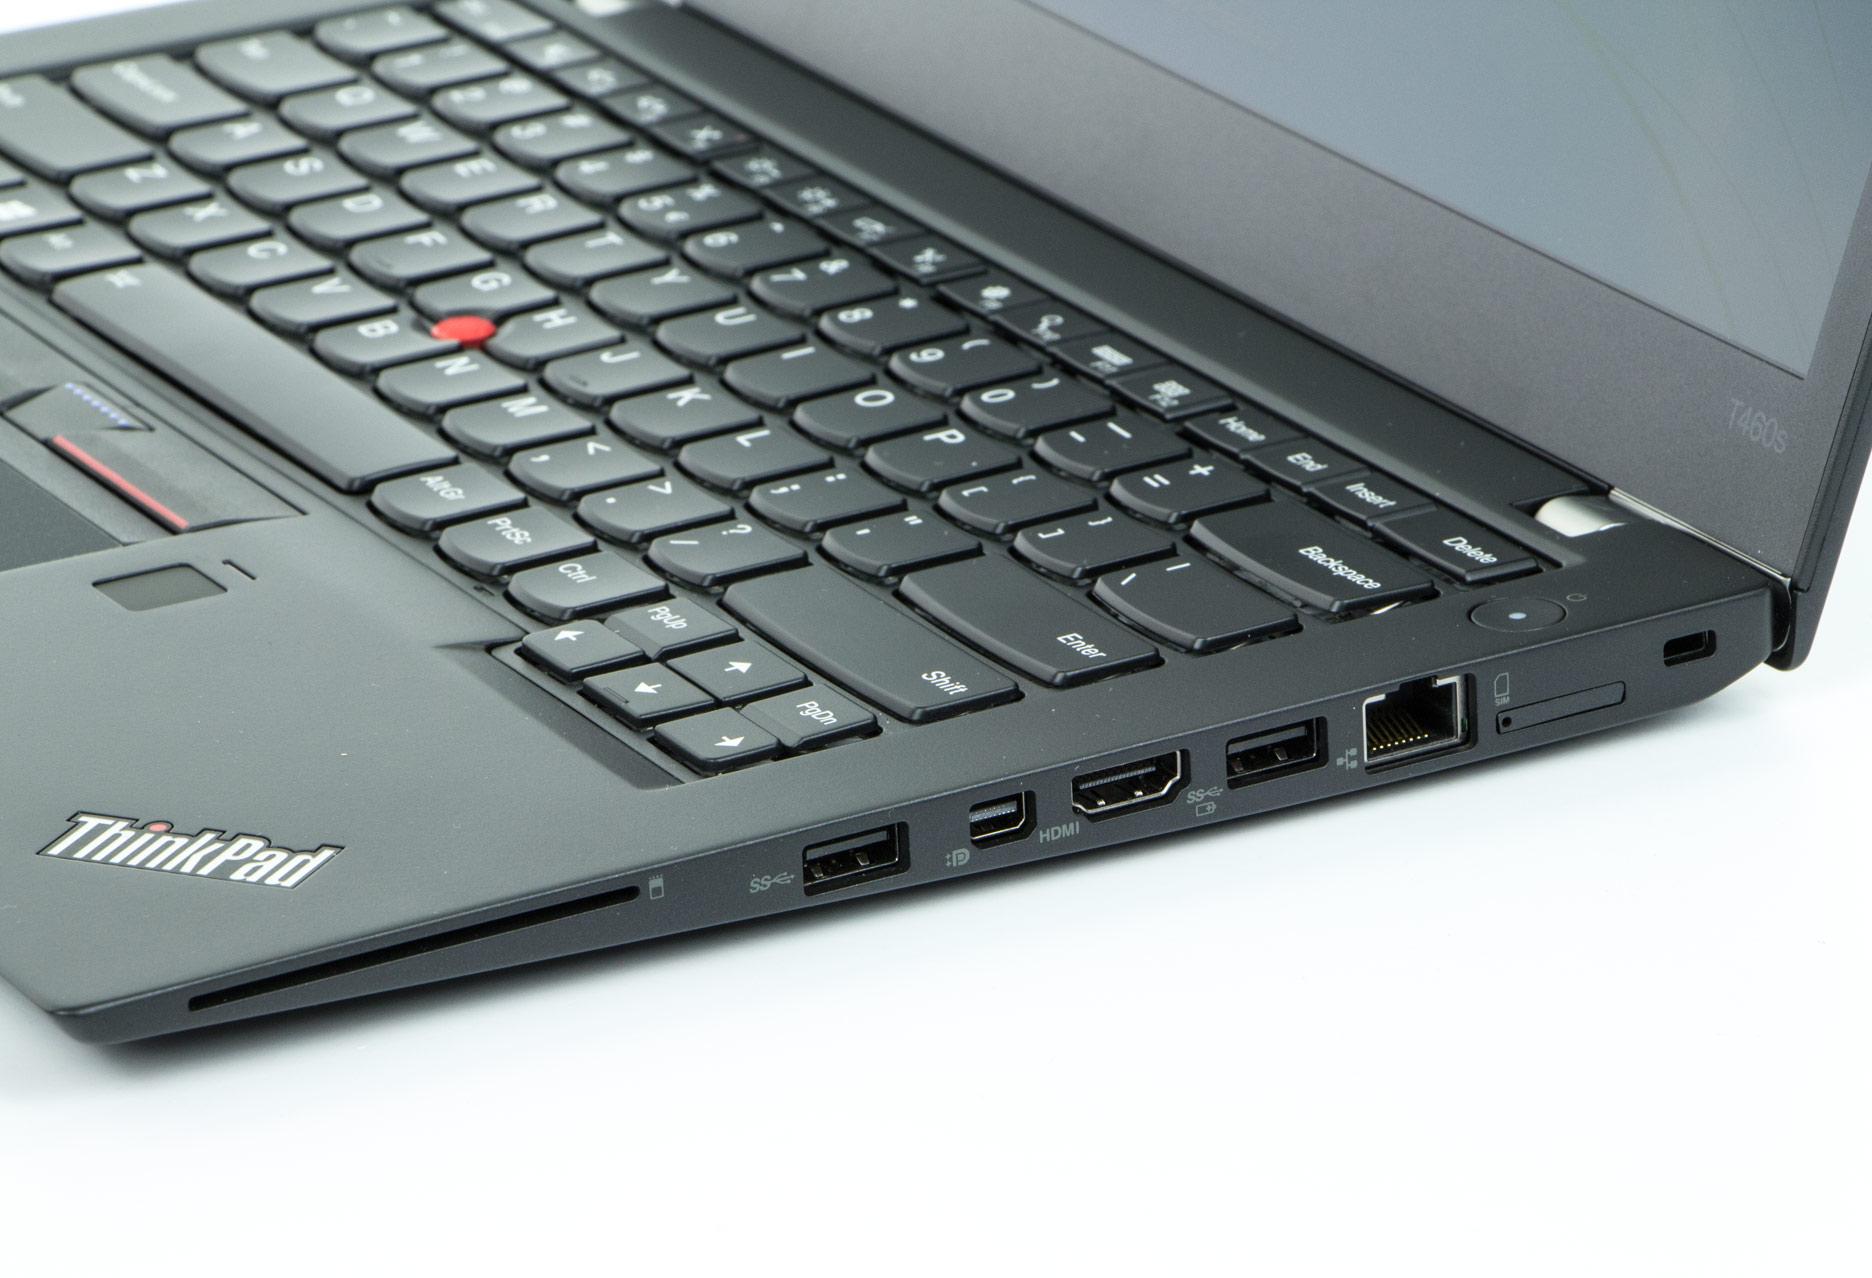 Lenovo ThinkPad T460s prawy bok